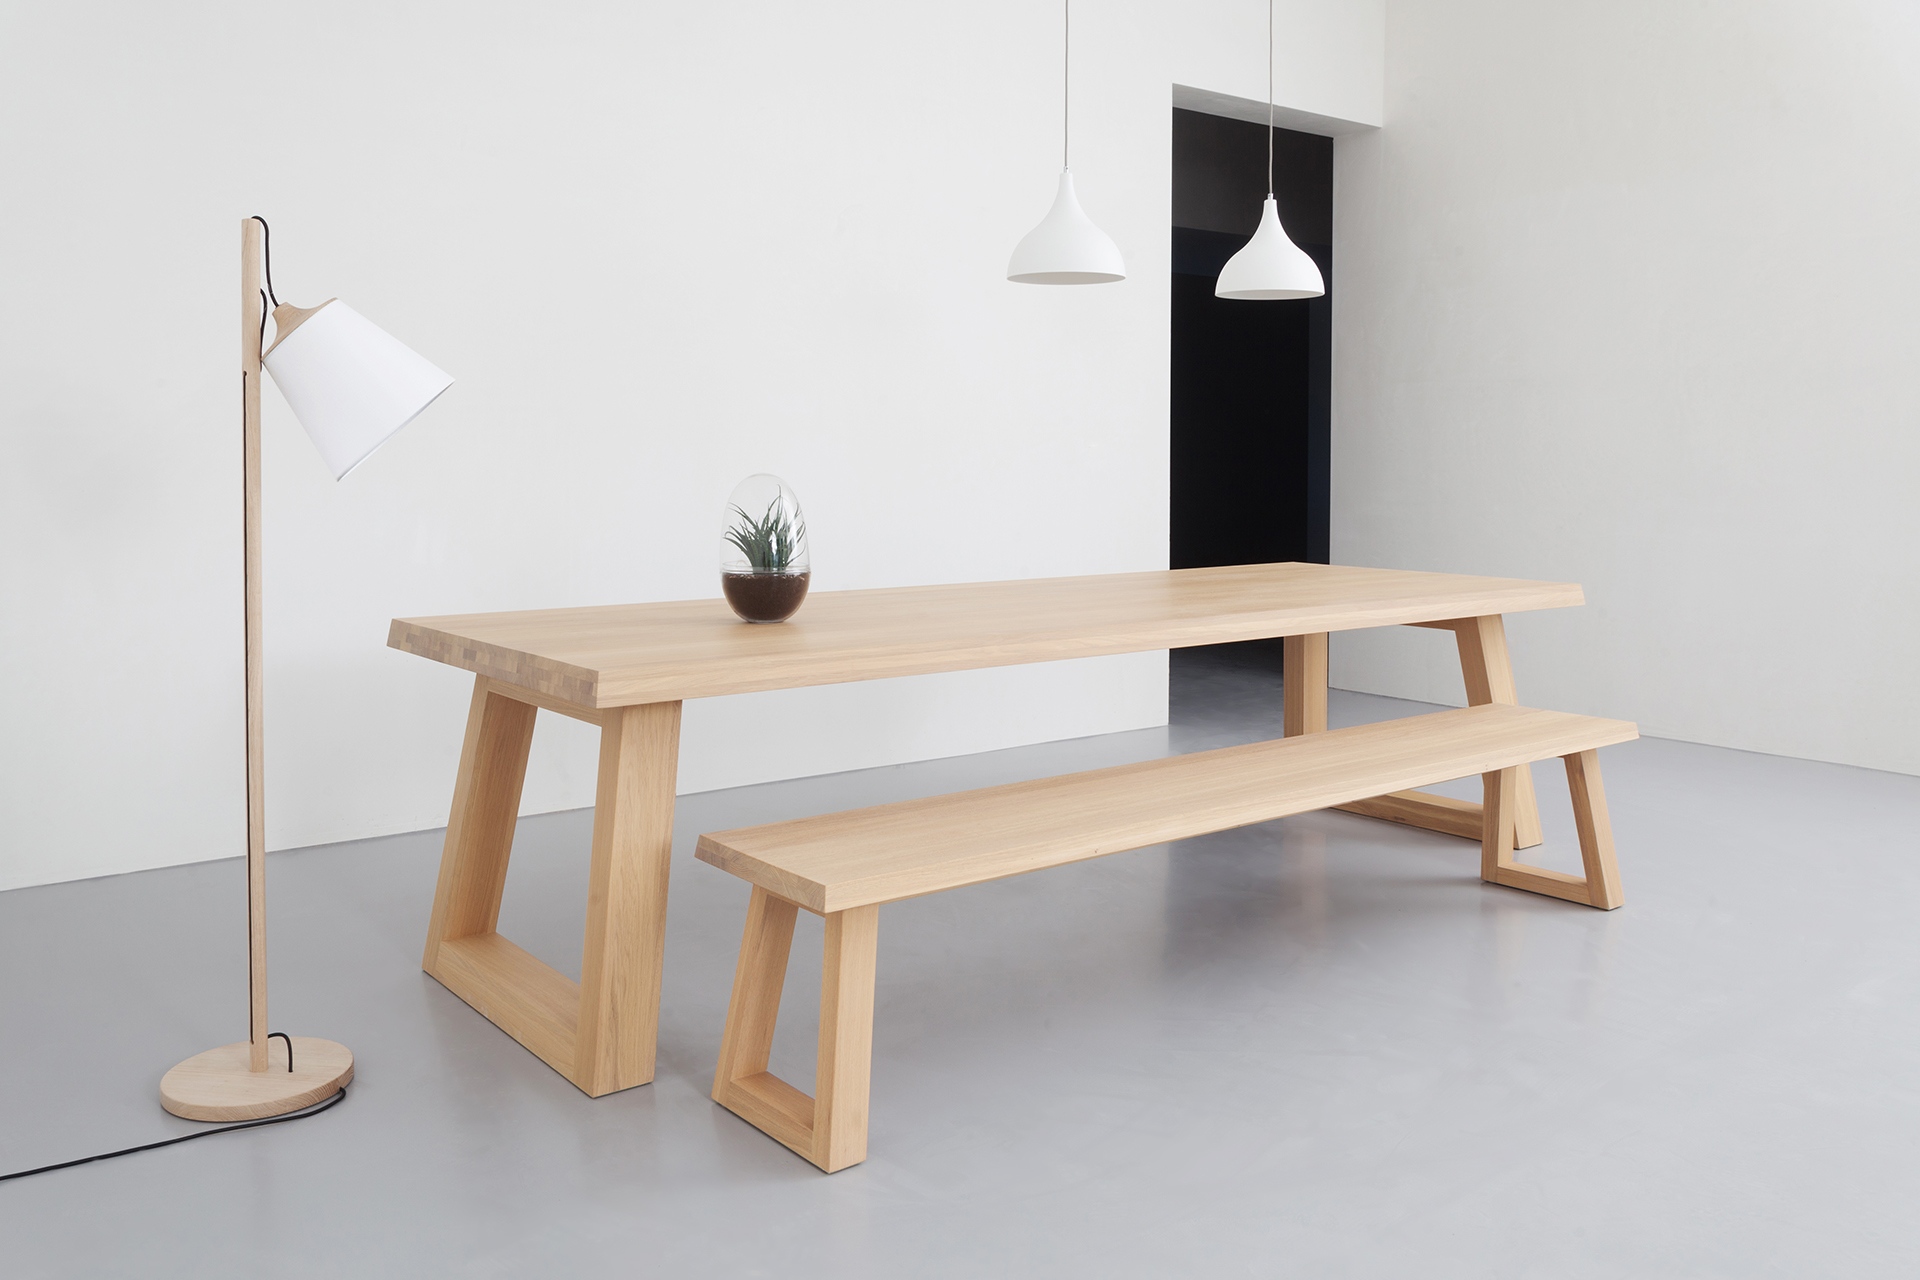 Bank Aan Eettafel.Design Bench Slide L Remy Meijers L Odesi Your Dutch Design